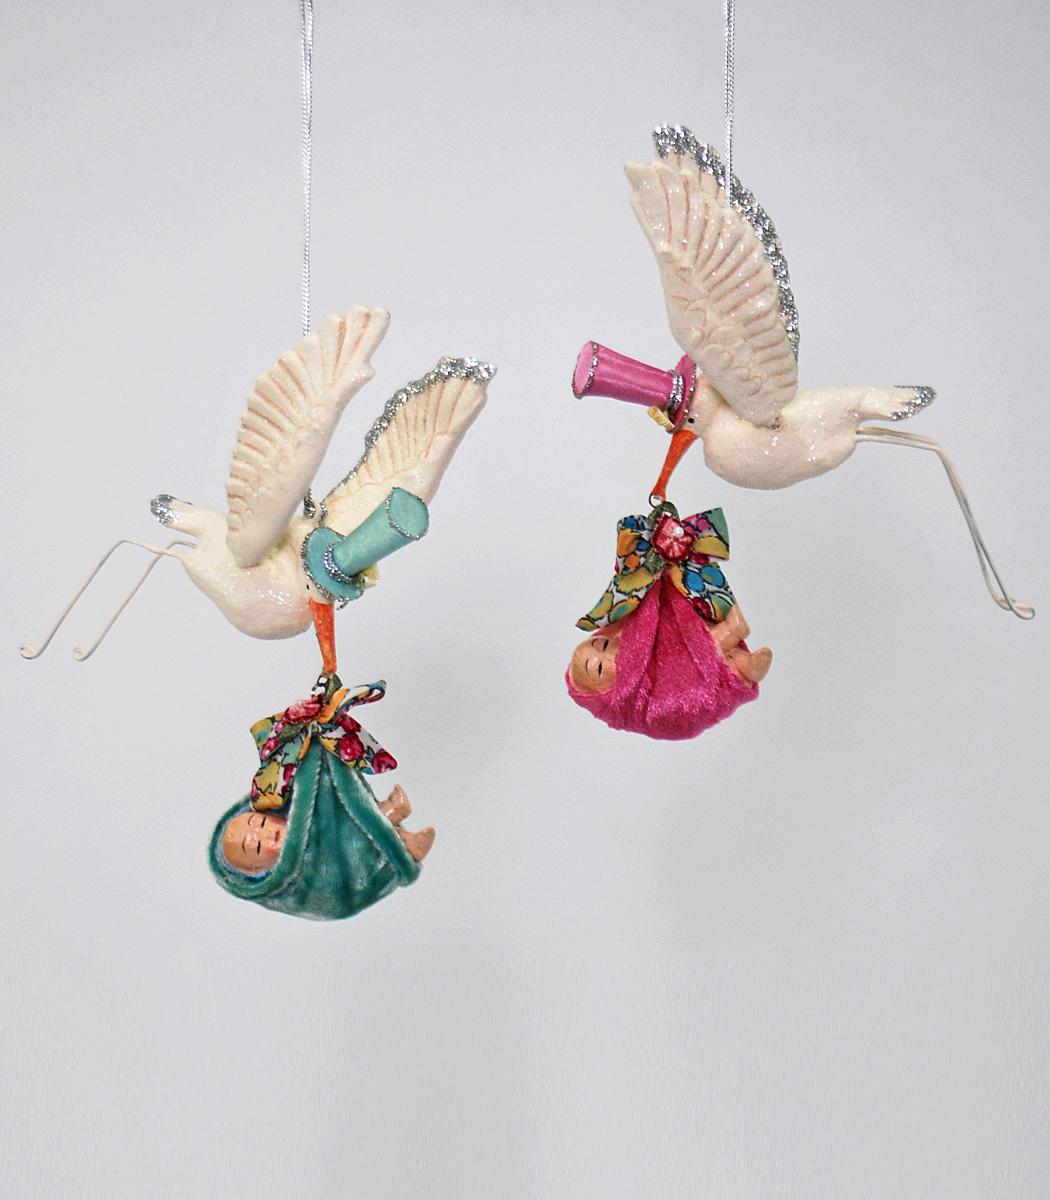 Flying Stork Ornament - Assortment Of 2  28-530552